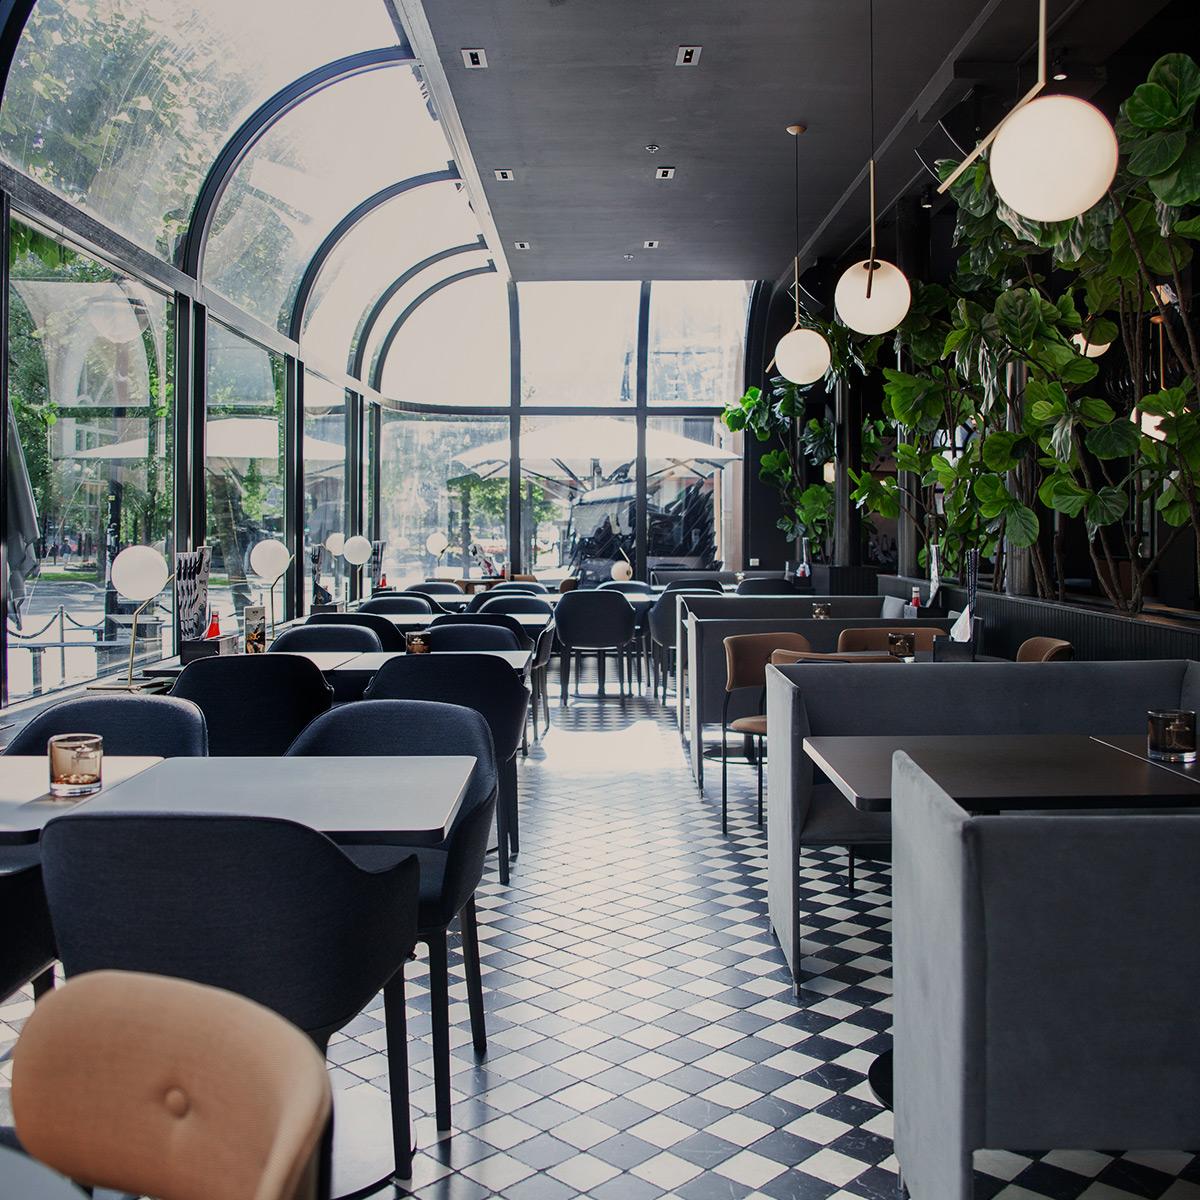 Bergen - MM CAFE & BAR